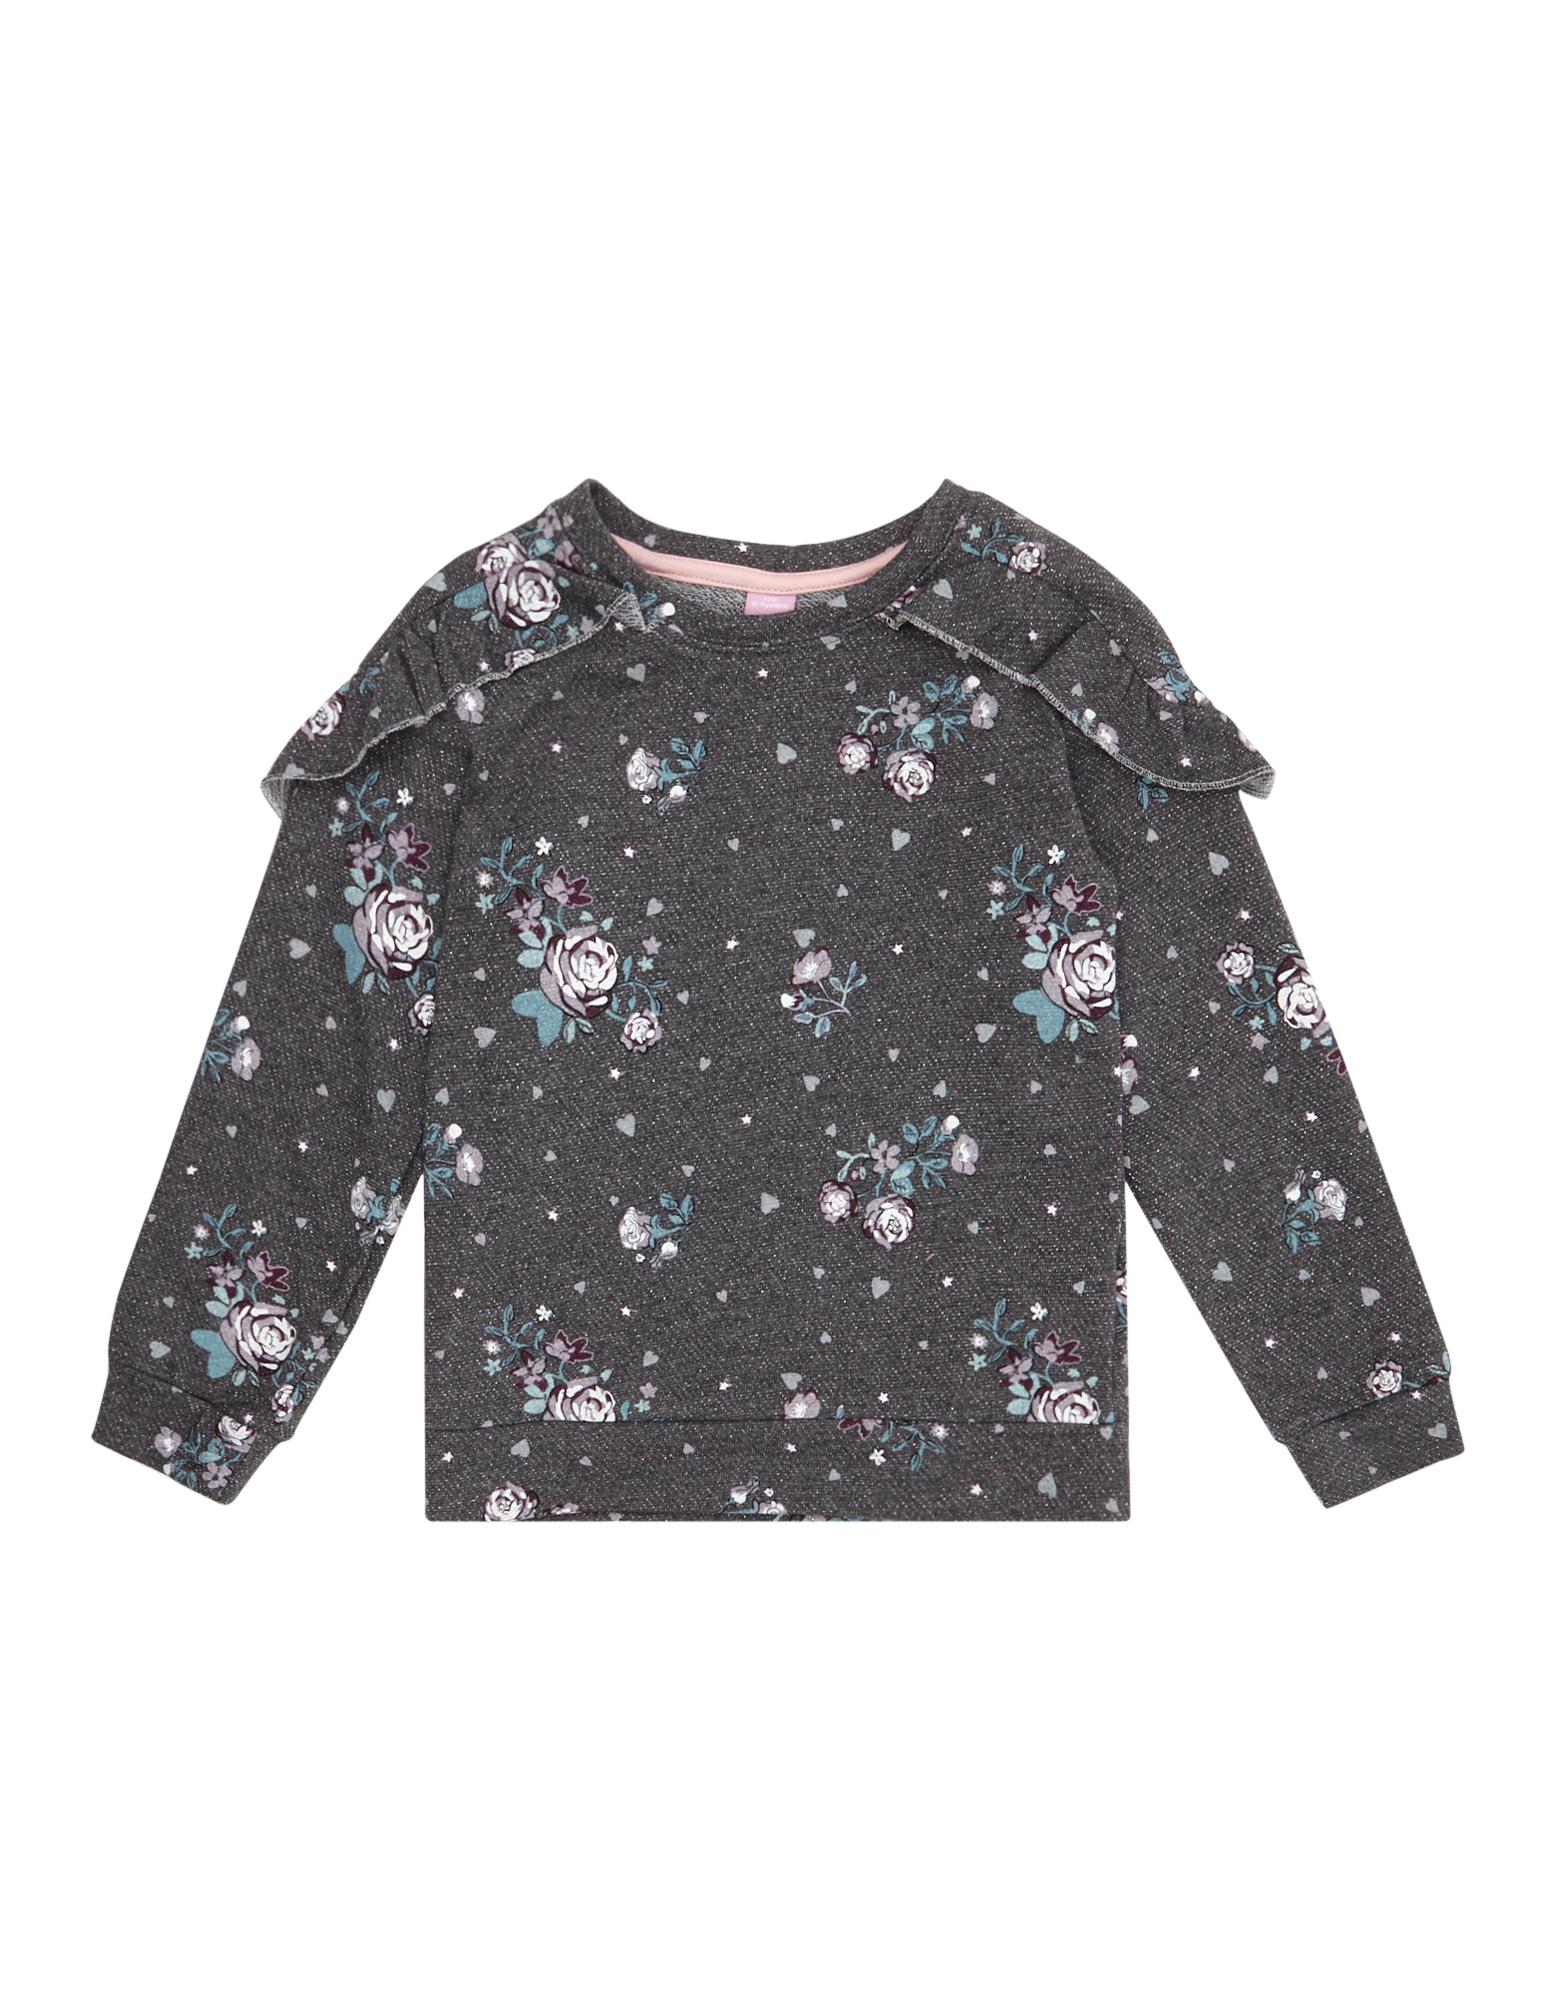 Mädchen Sweatshirt mit Volantbesatz und Allover-Print blau | 81513741720809